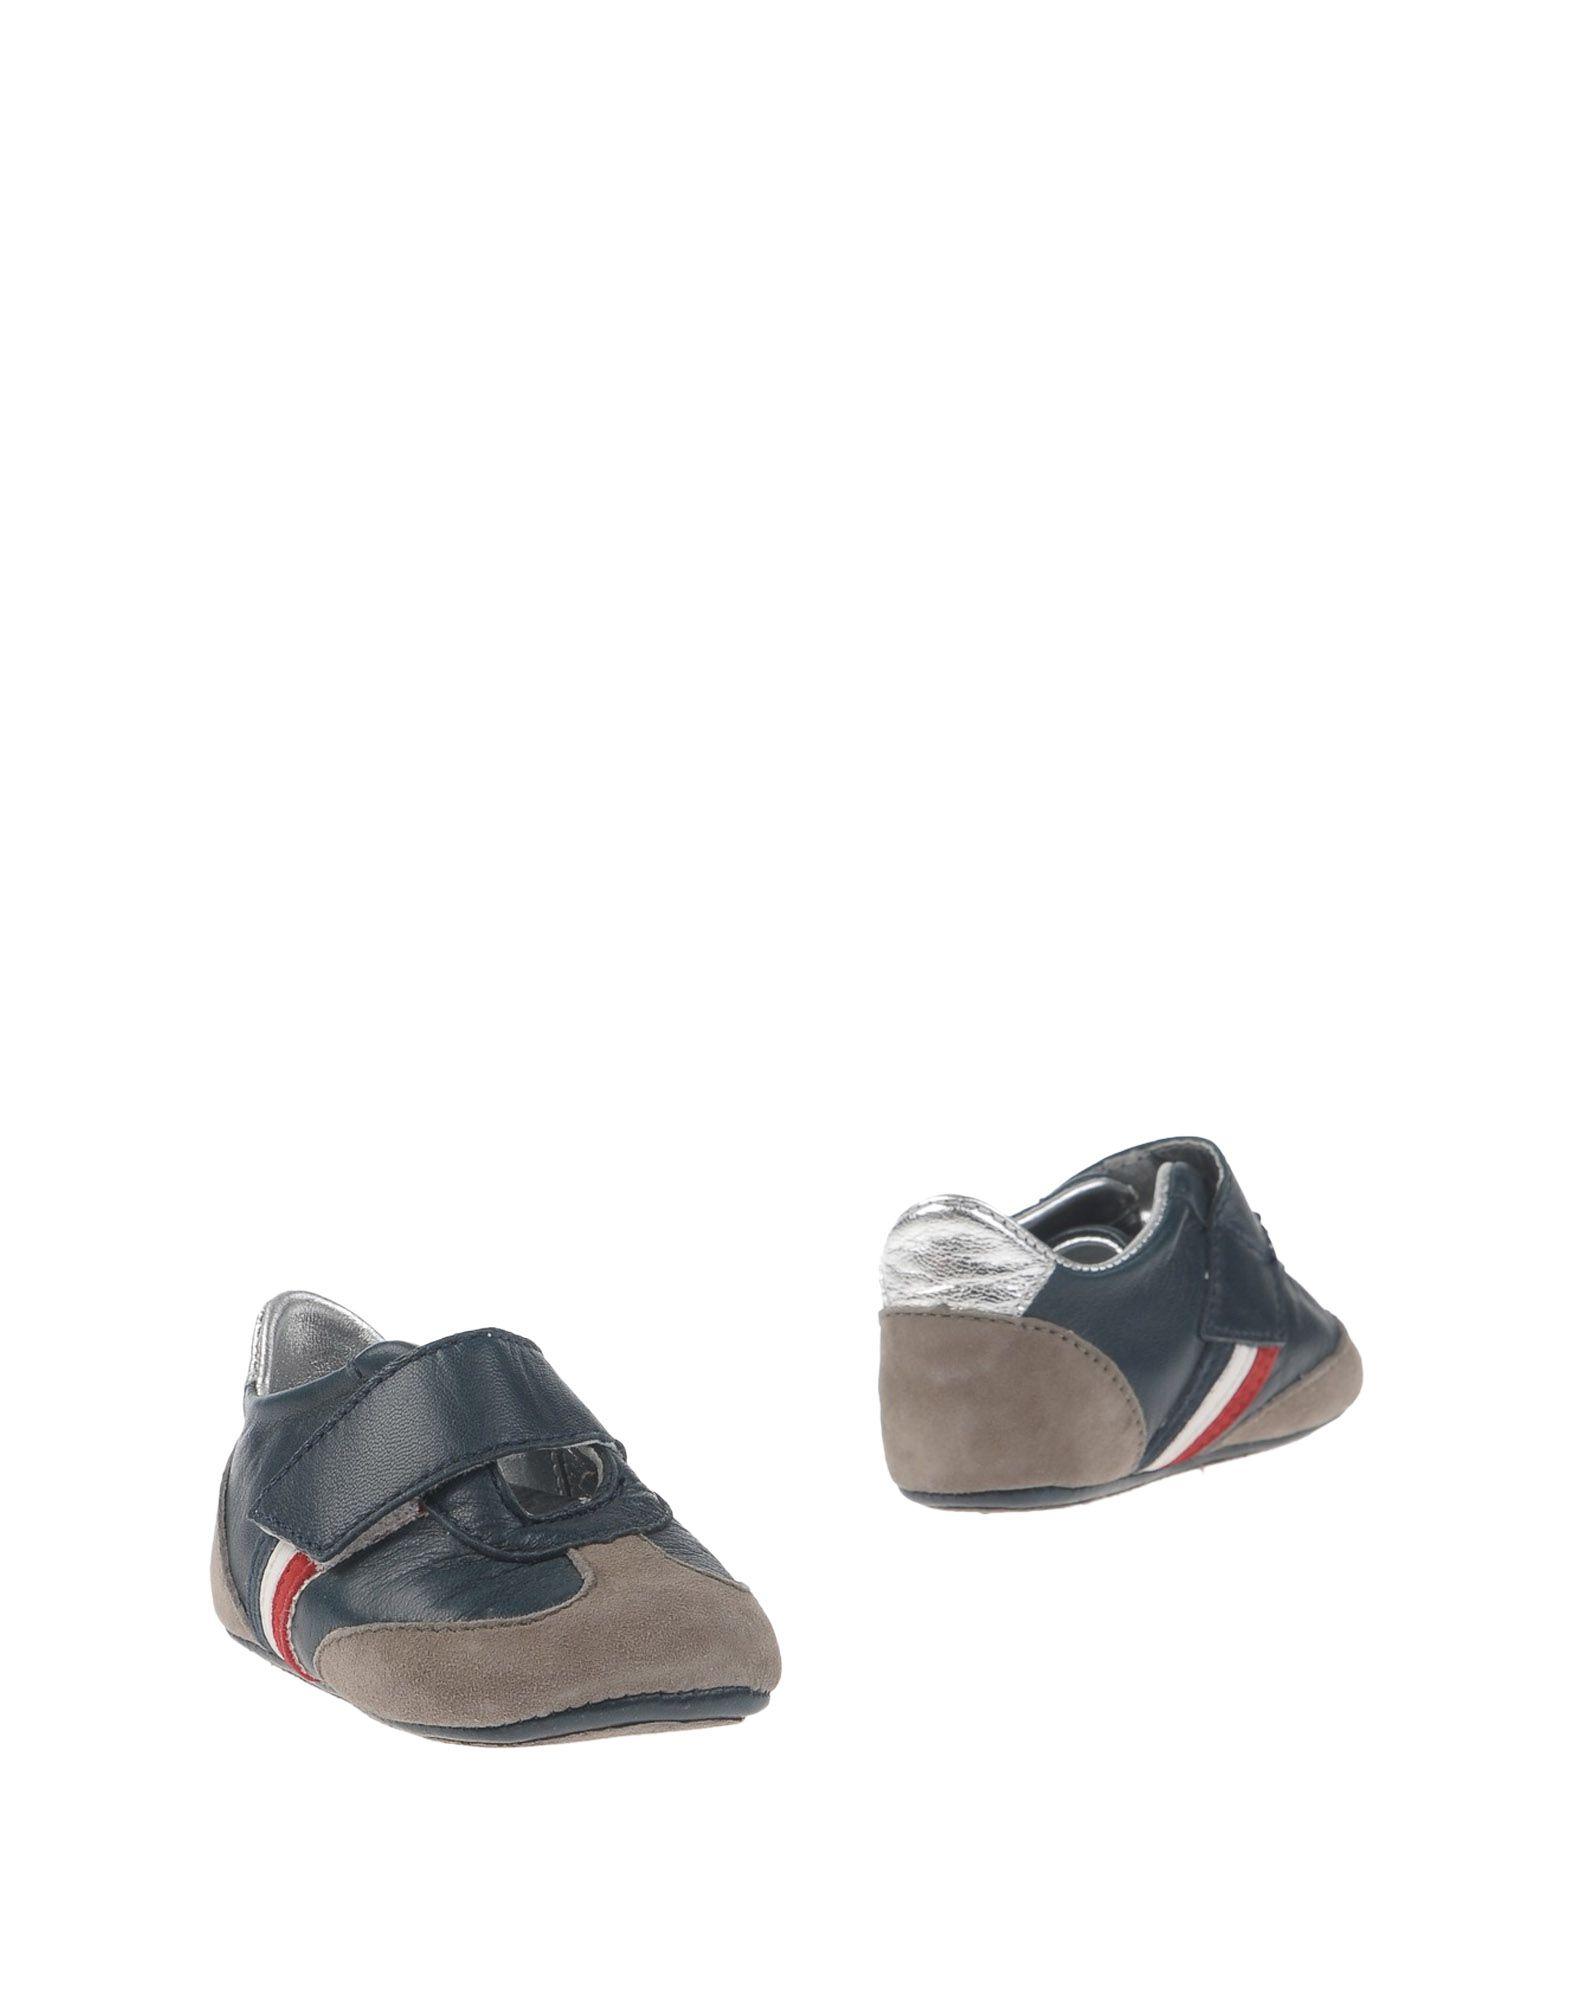 Фото - SERAFINI Обувь для новорожденных londres 1891